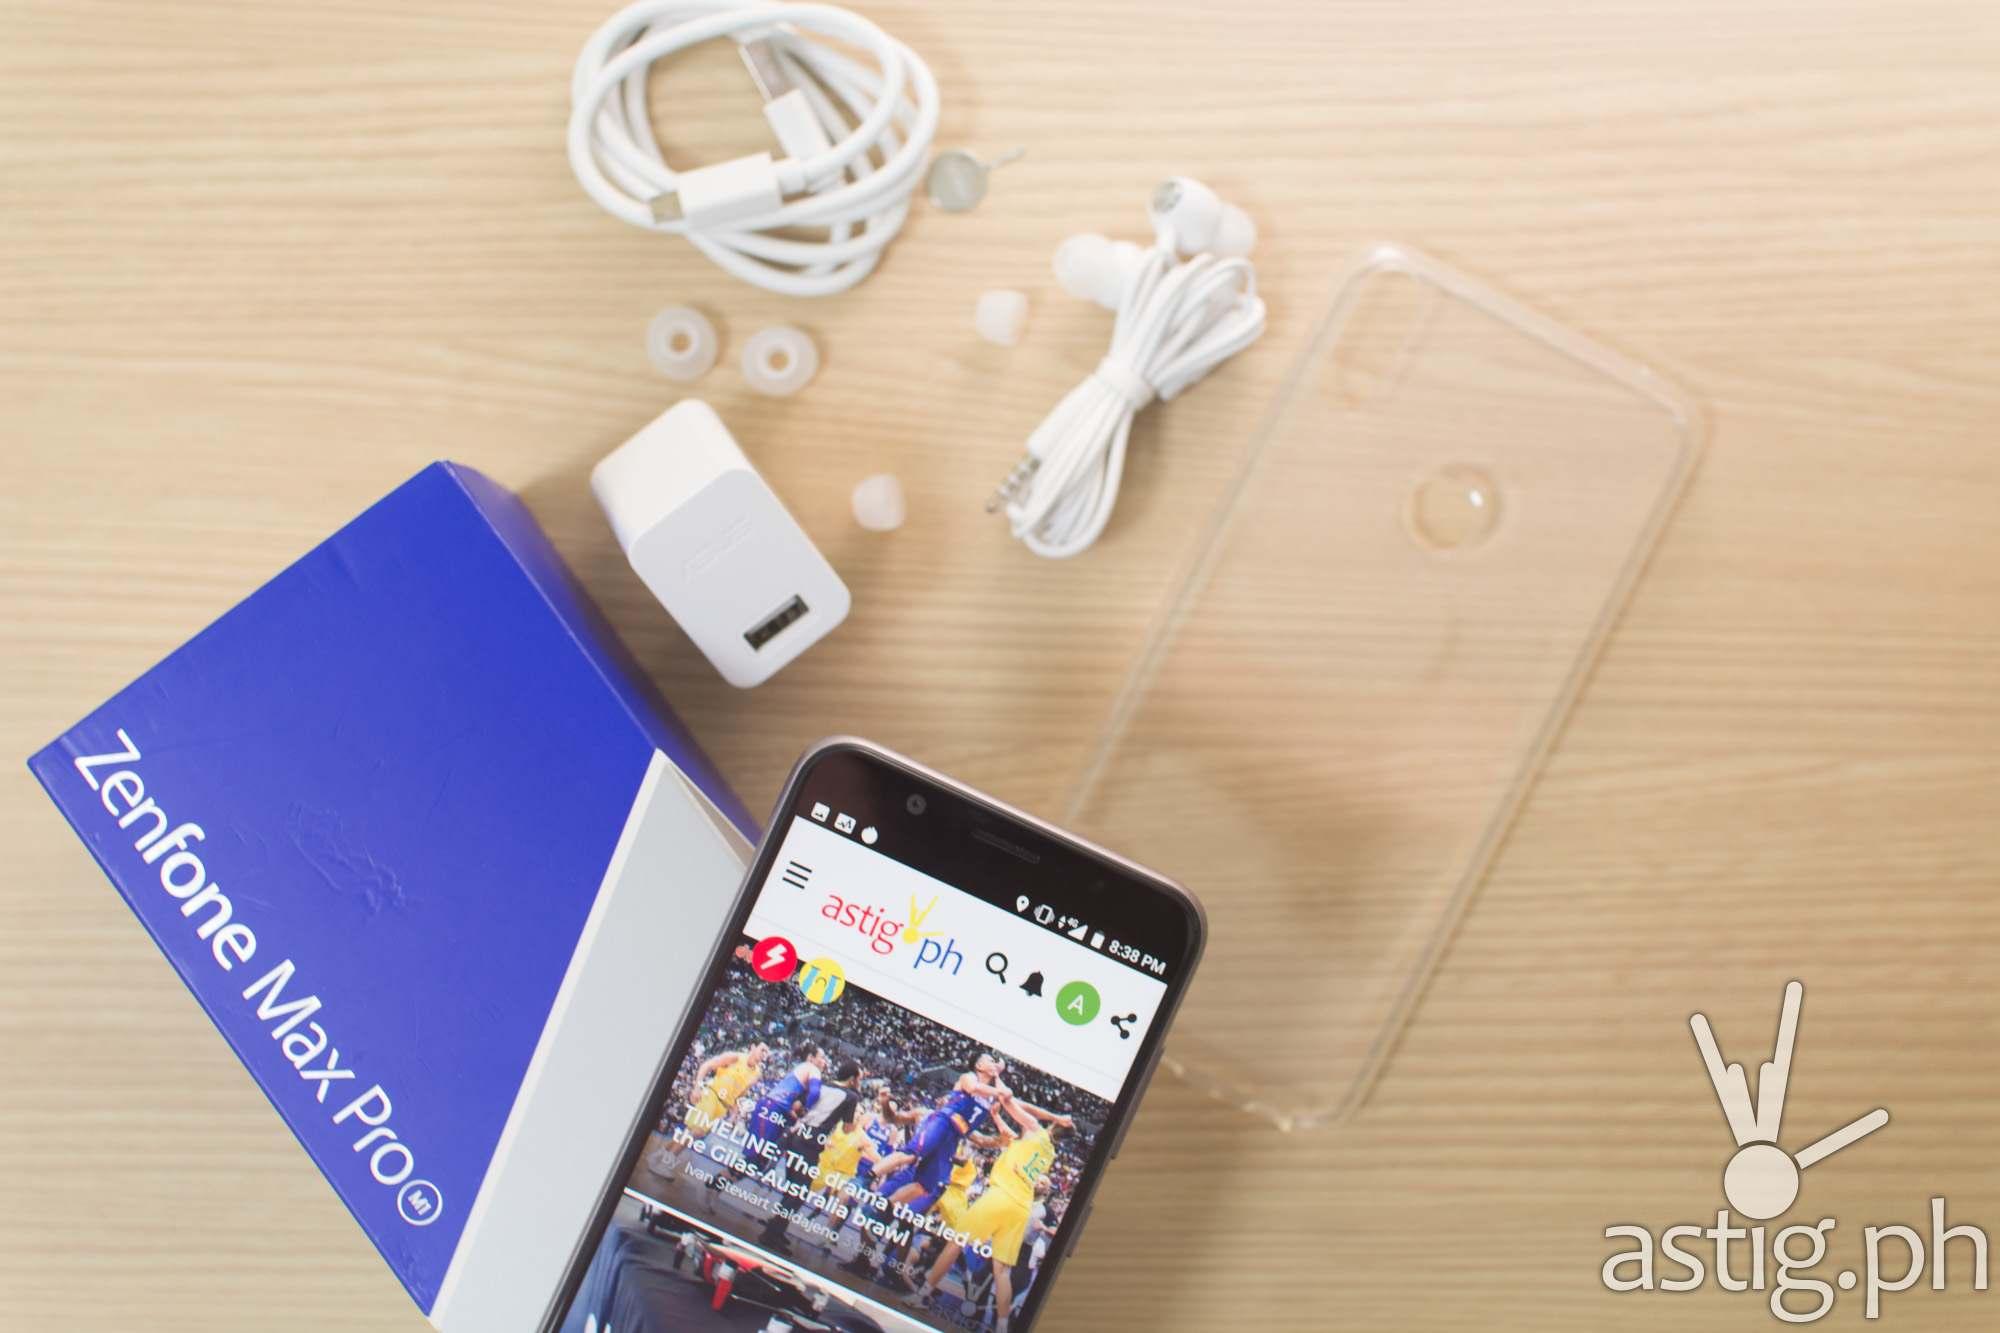 Zenfone Max Pro M1 unboxing